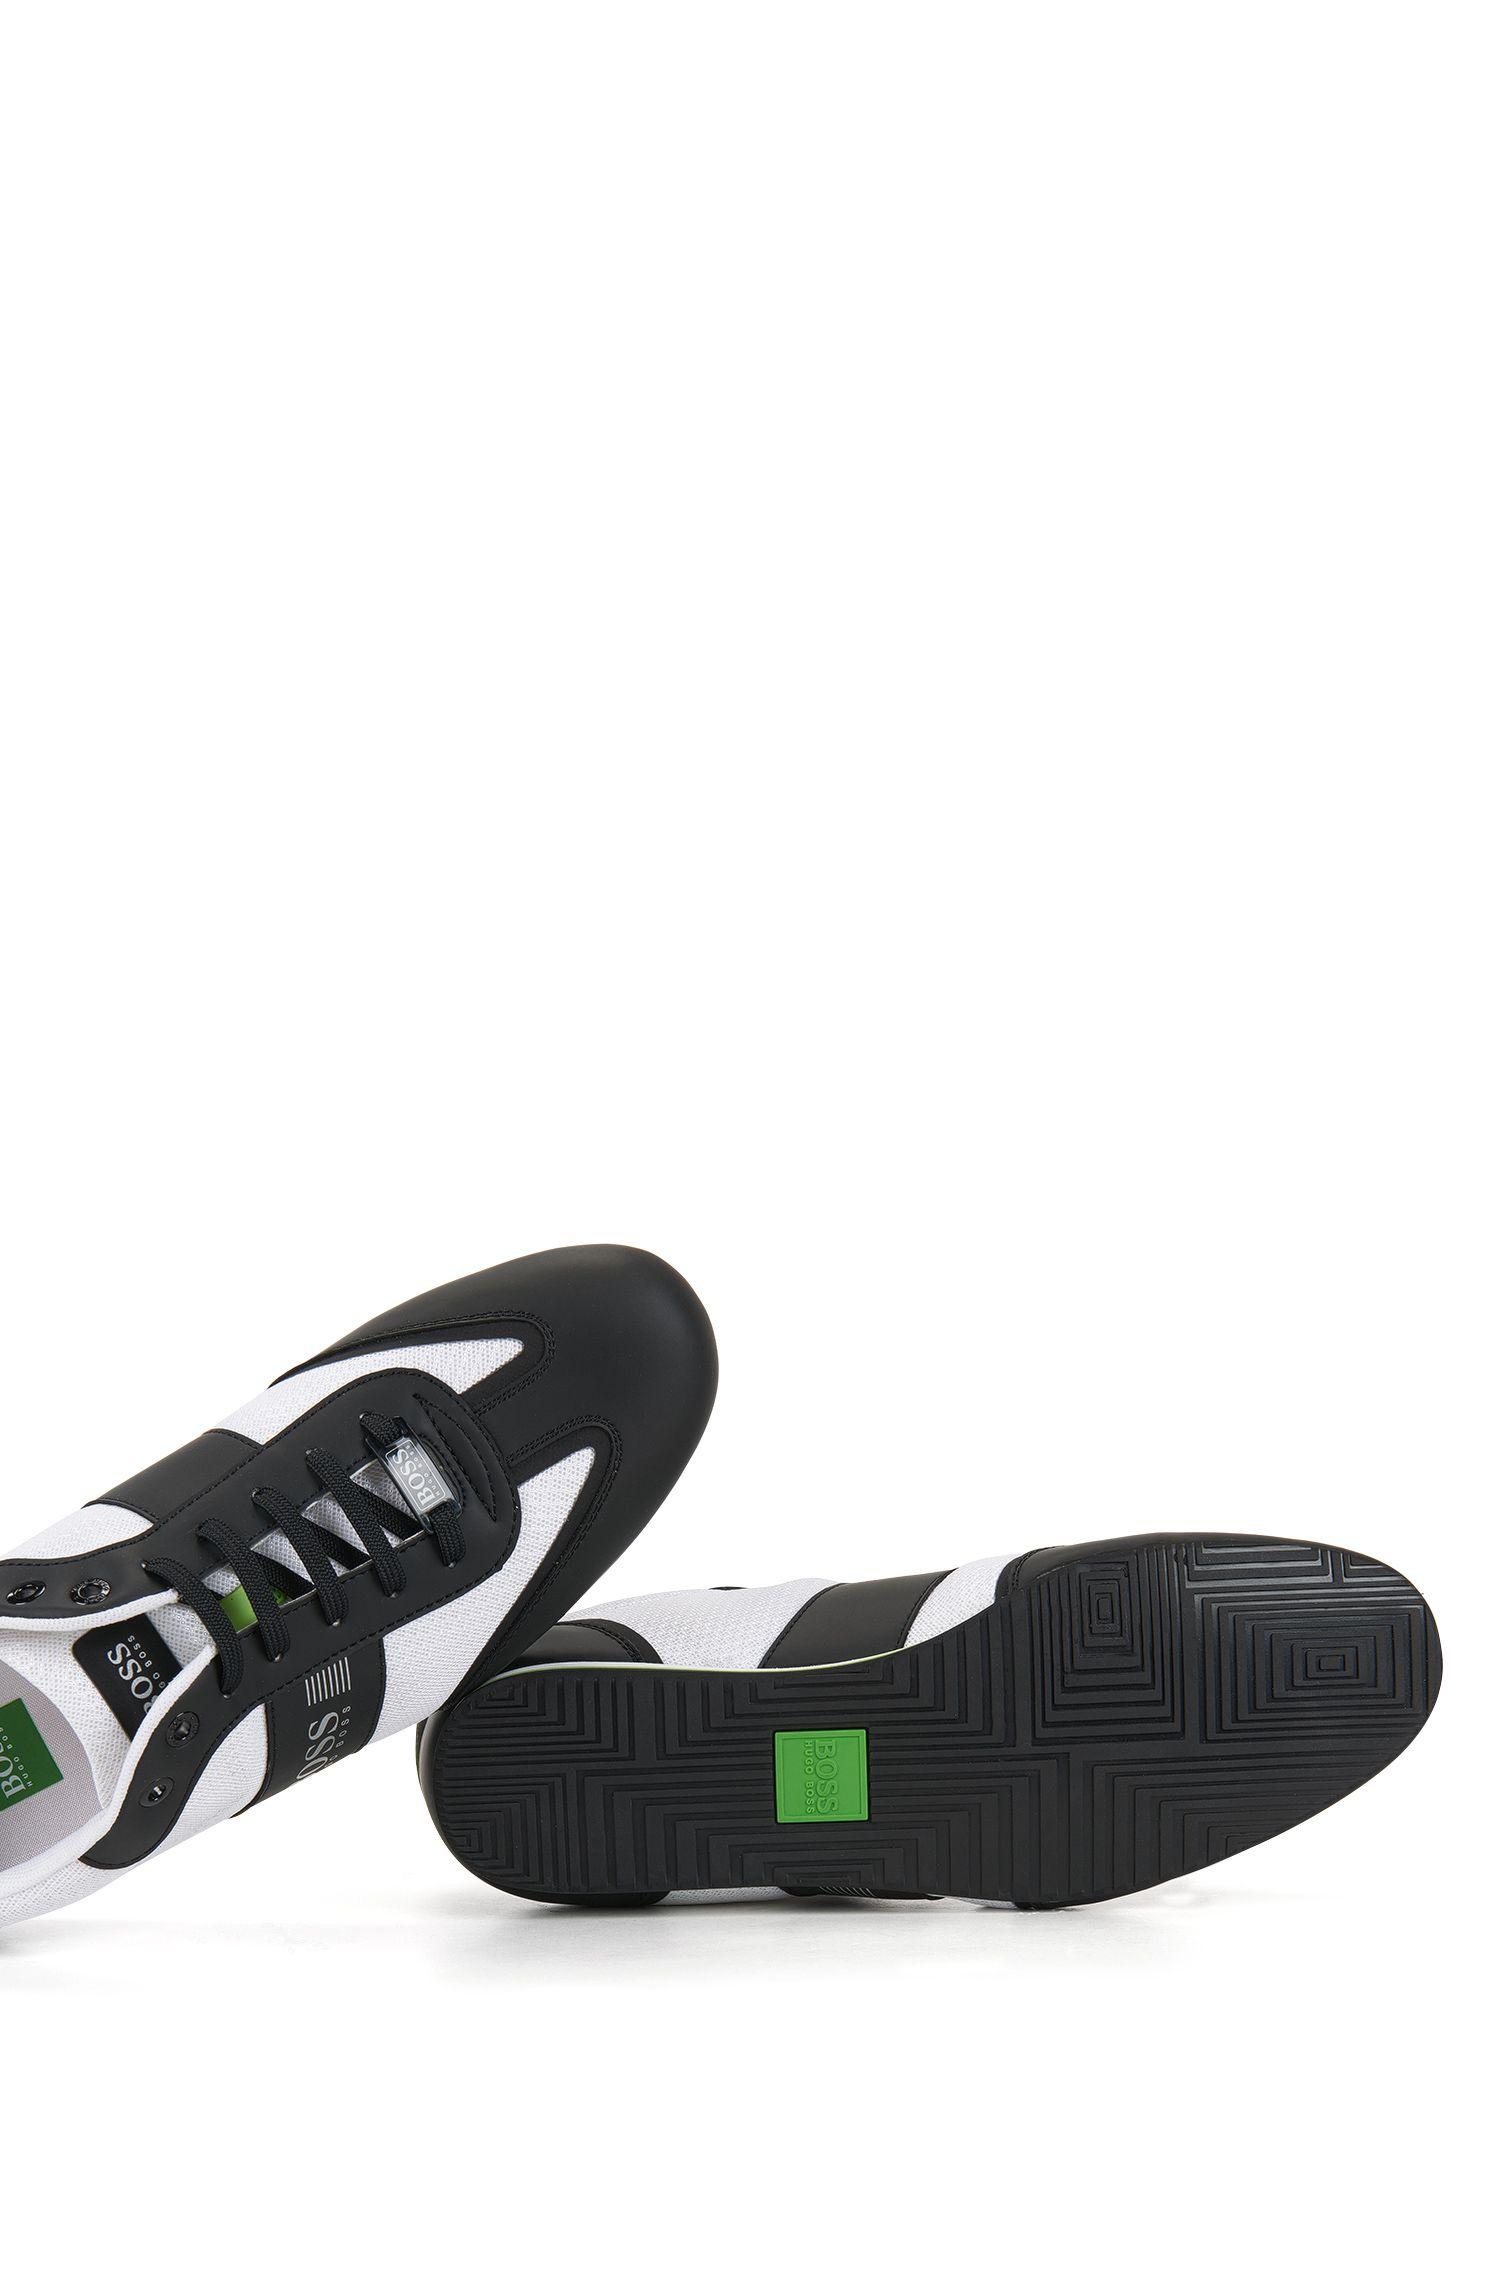 Mesh Sneaker   Lighter Lowp Mxme